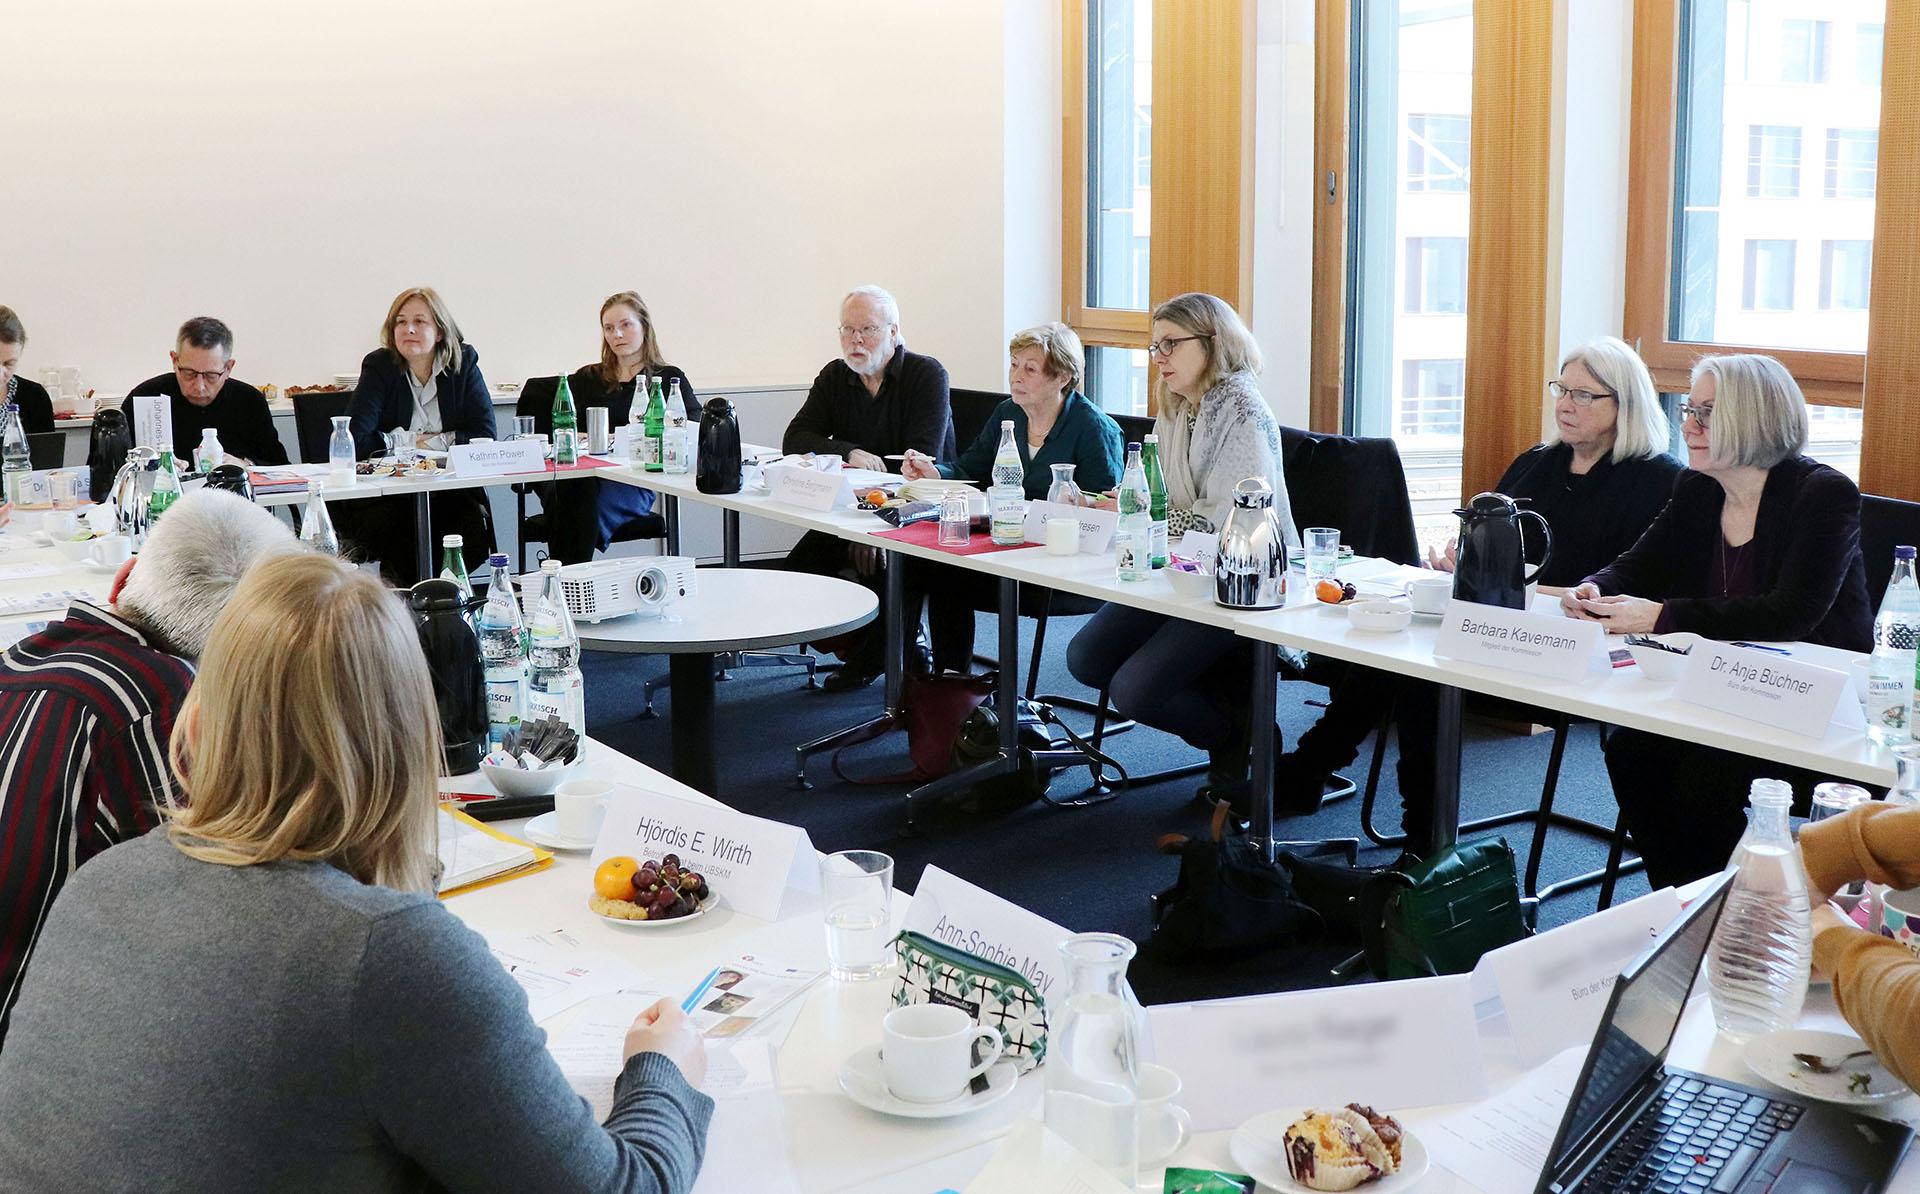 Frauen und Männer sitzen an einem Tisch in einem Raum.